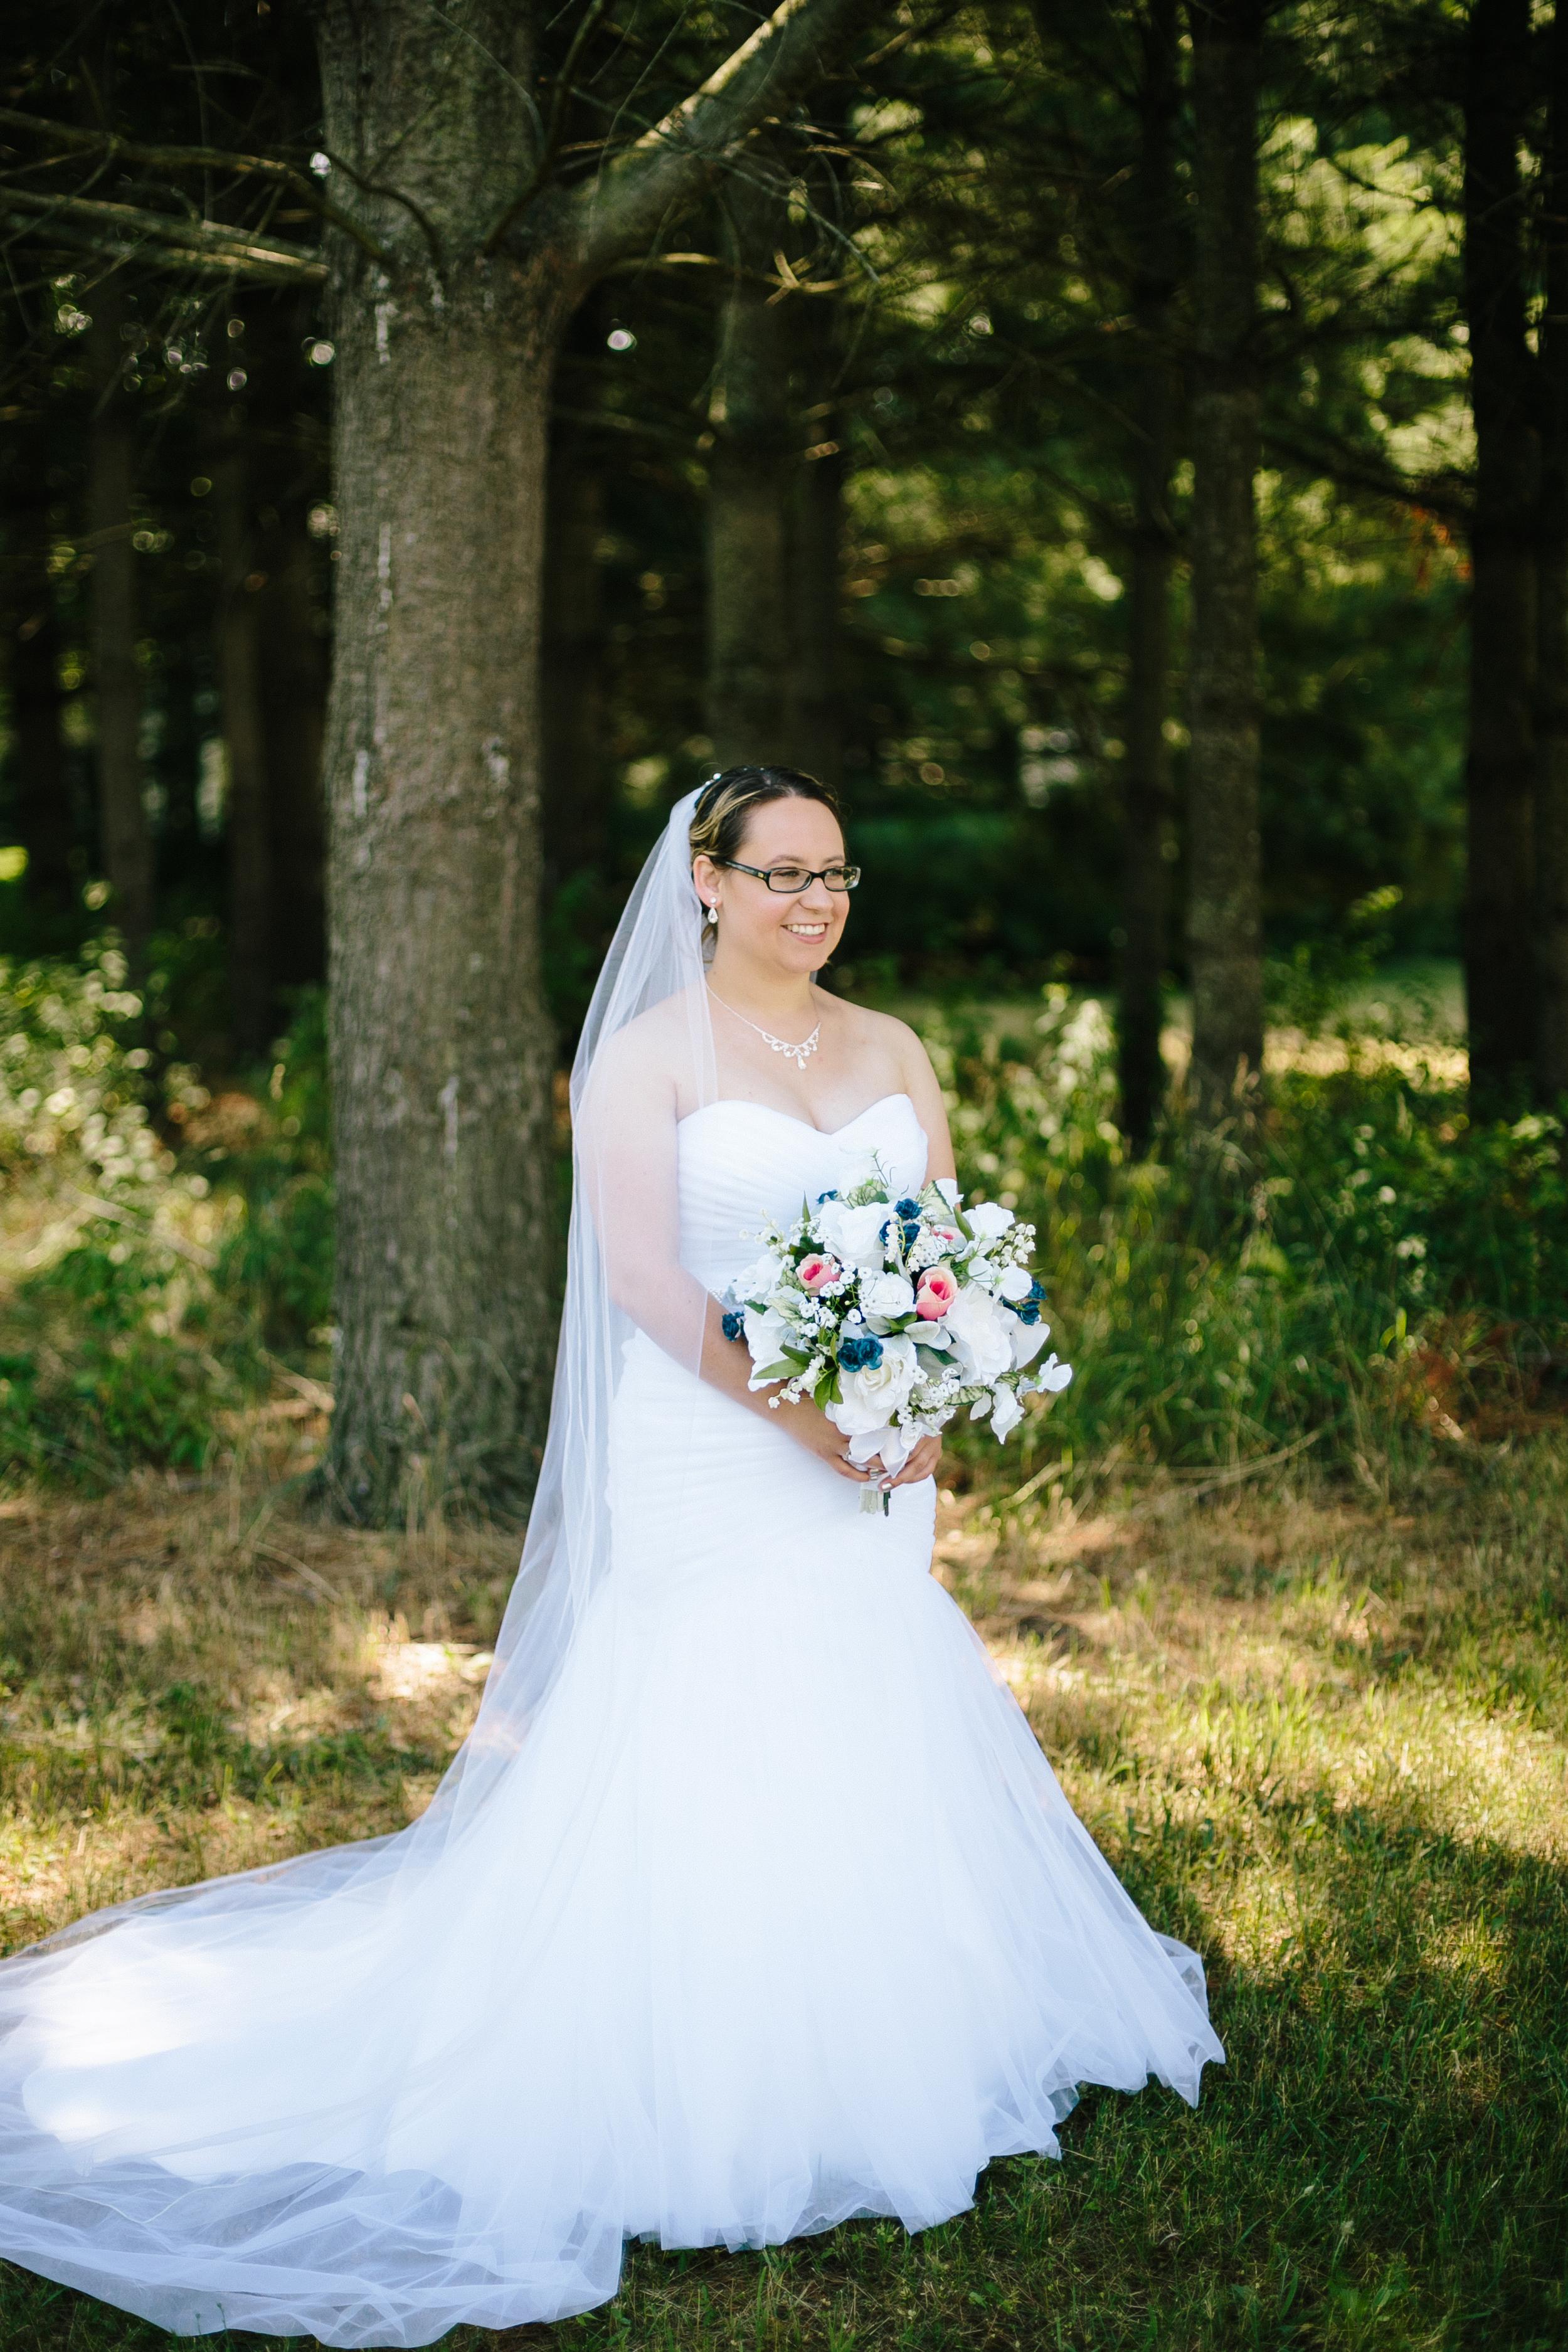 Peter & Rachel Married - South Bend, Indiana-122.jpg